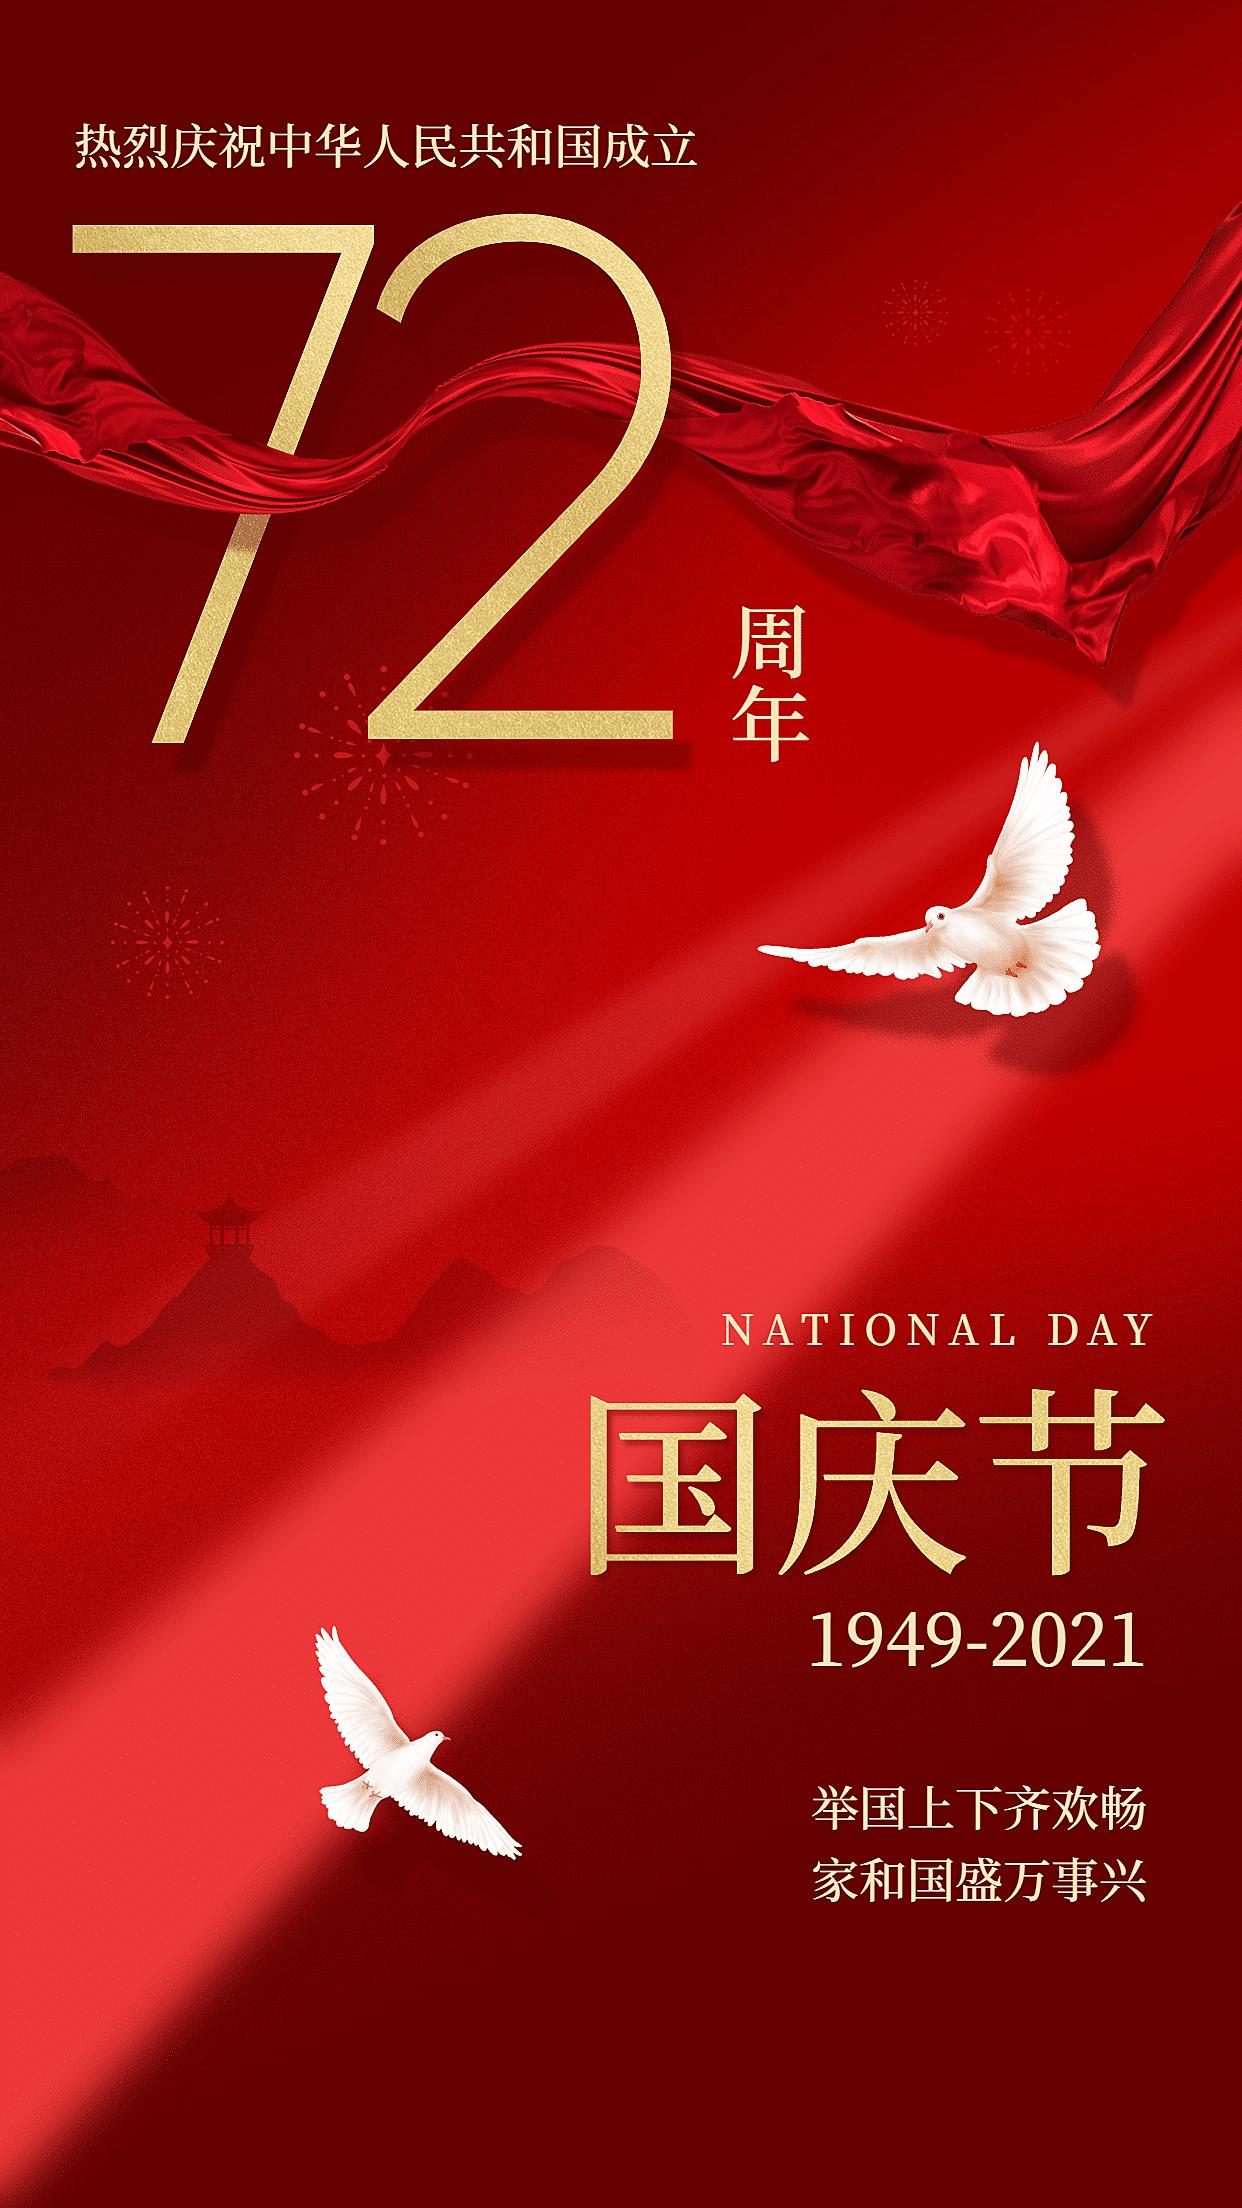 国庆节祝福红金白鸽合成手机海报